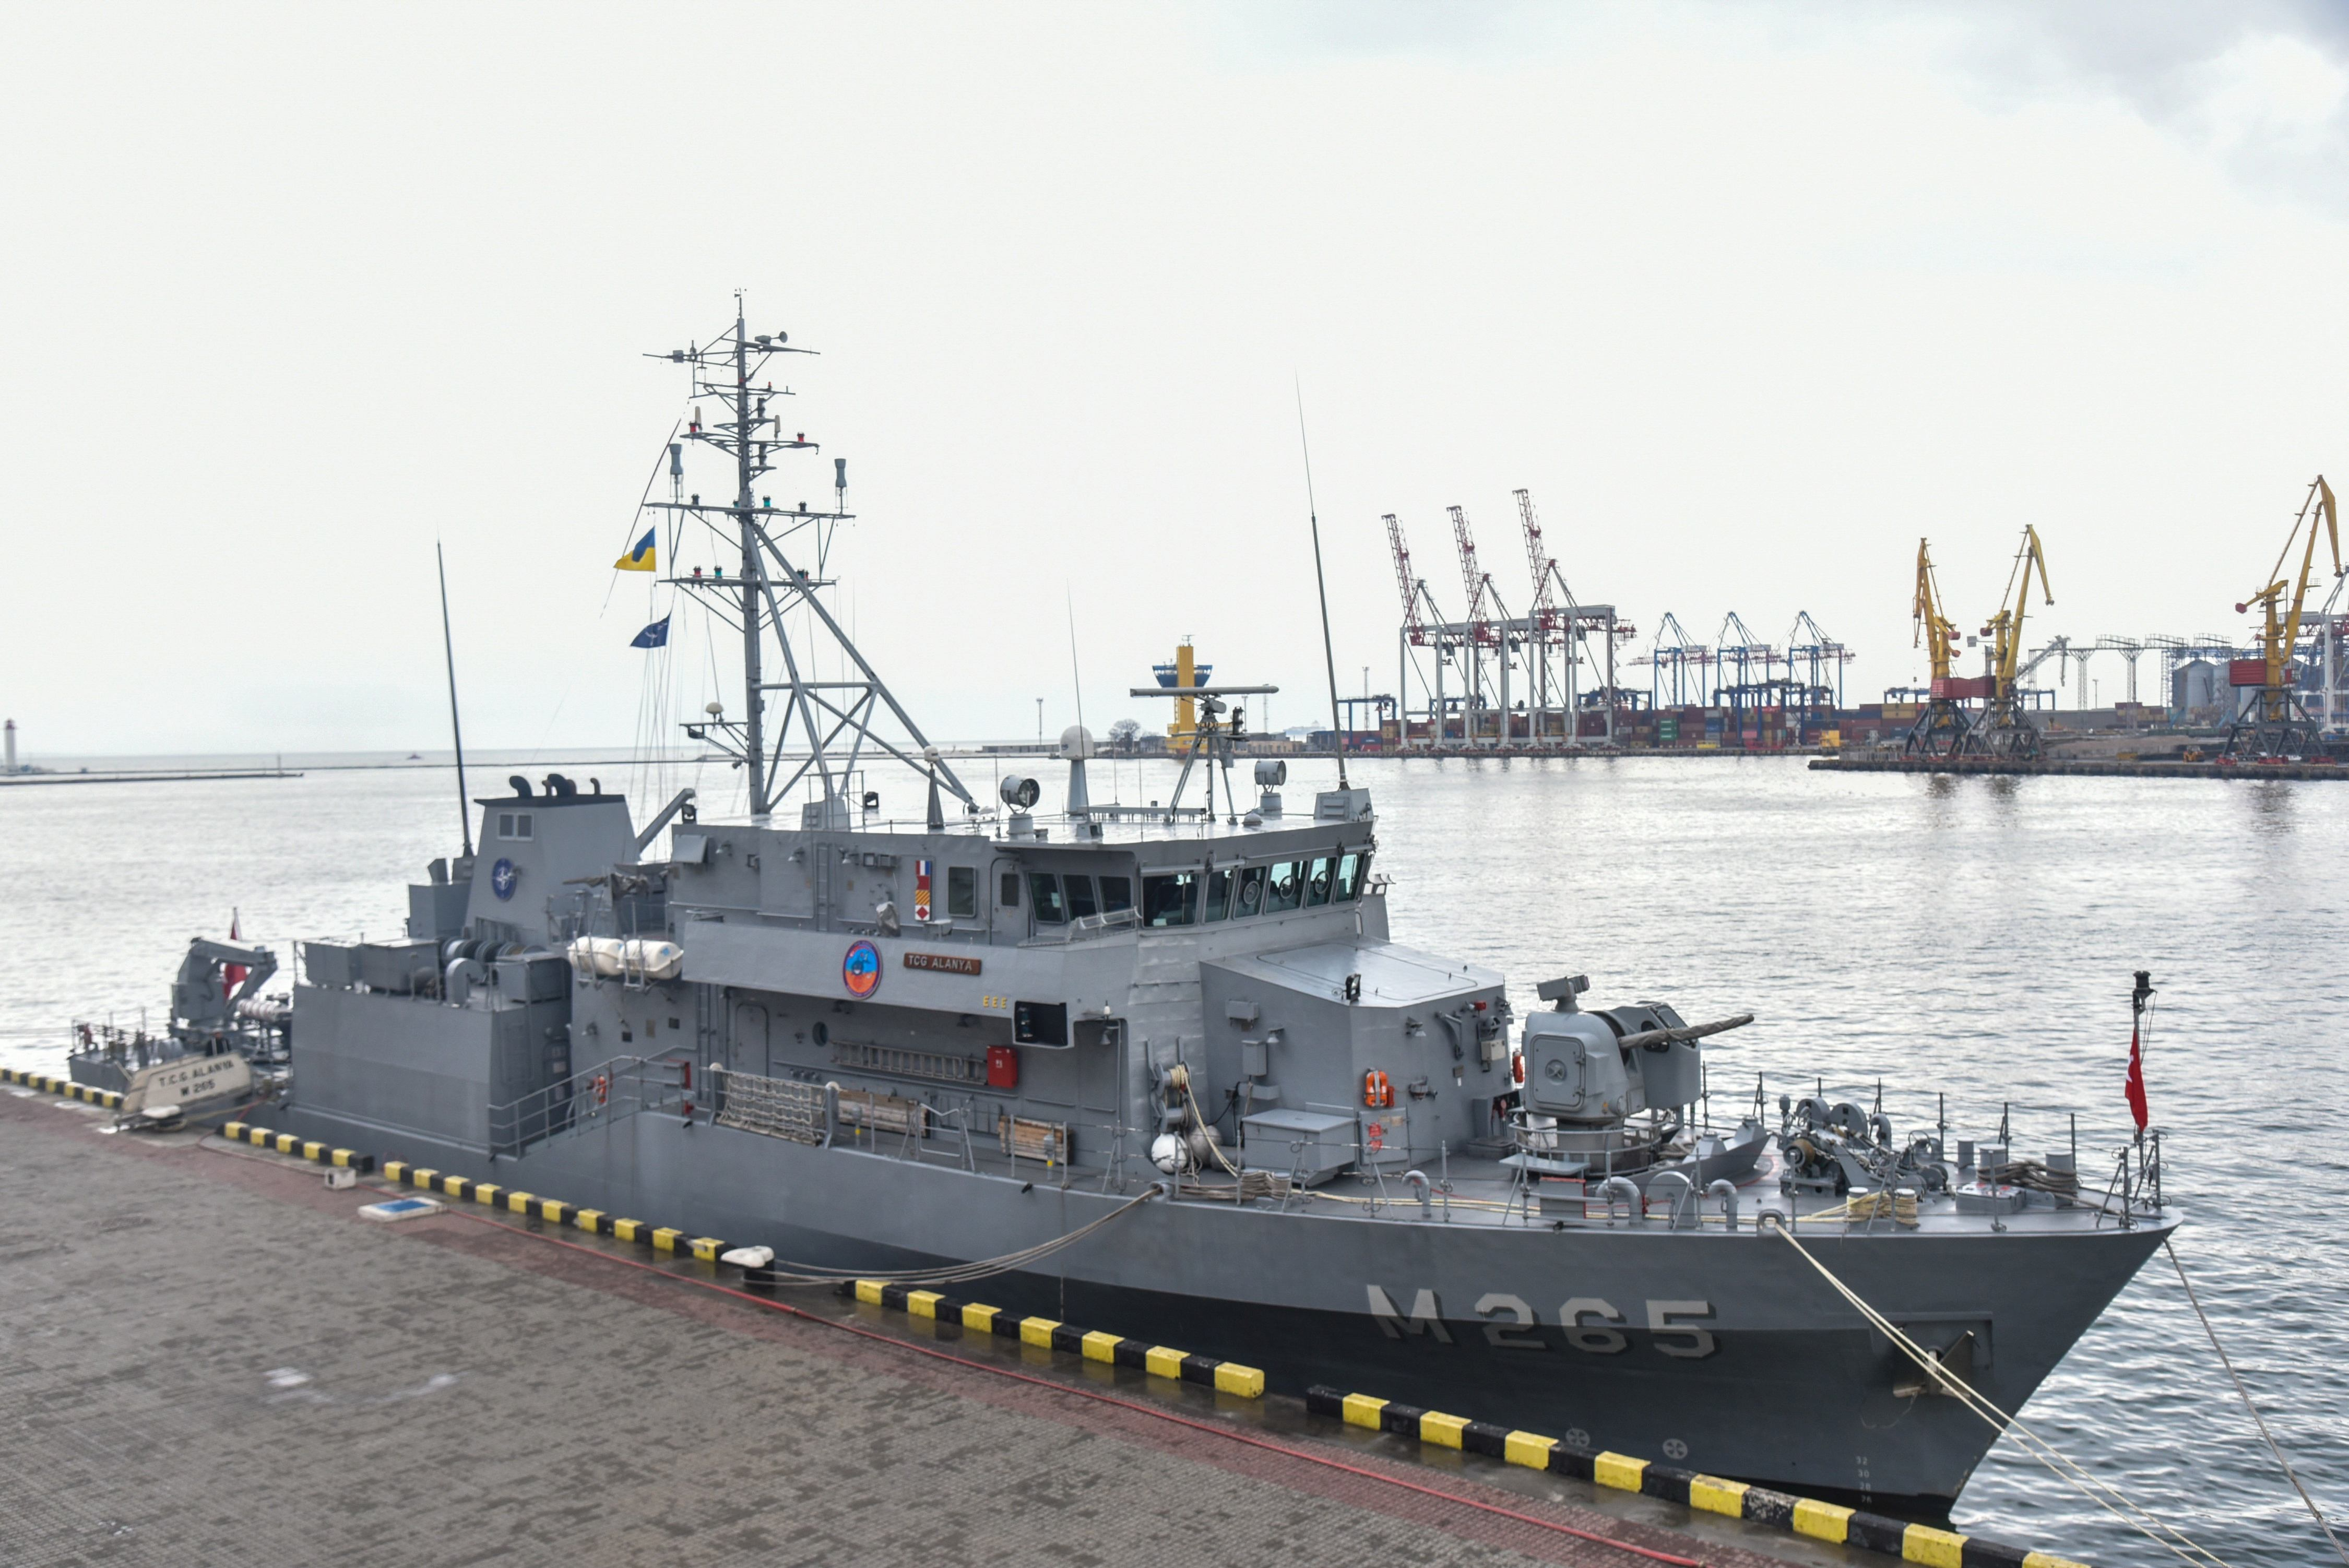 Echipajul unei nave sub pavilion Togo, reţinute în Portul Constanţa, poate părăsi vasul